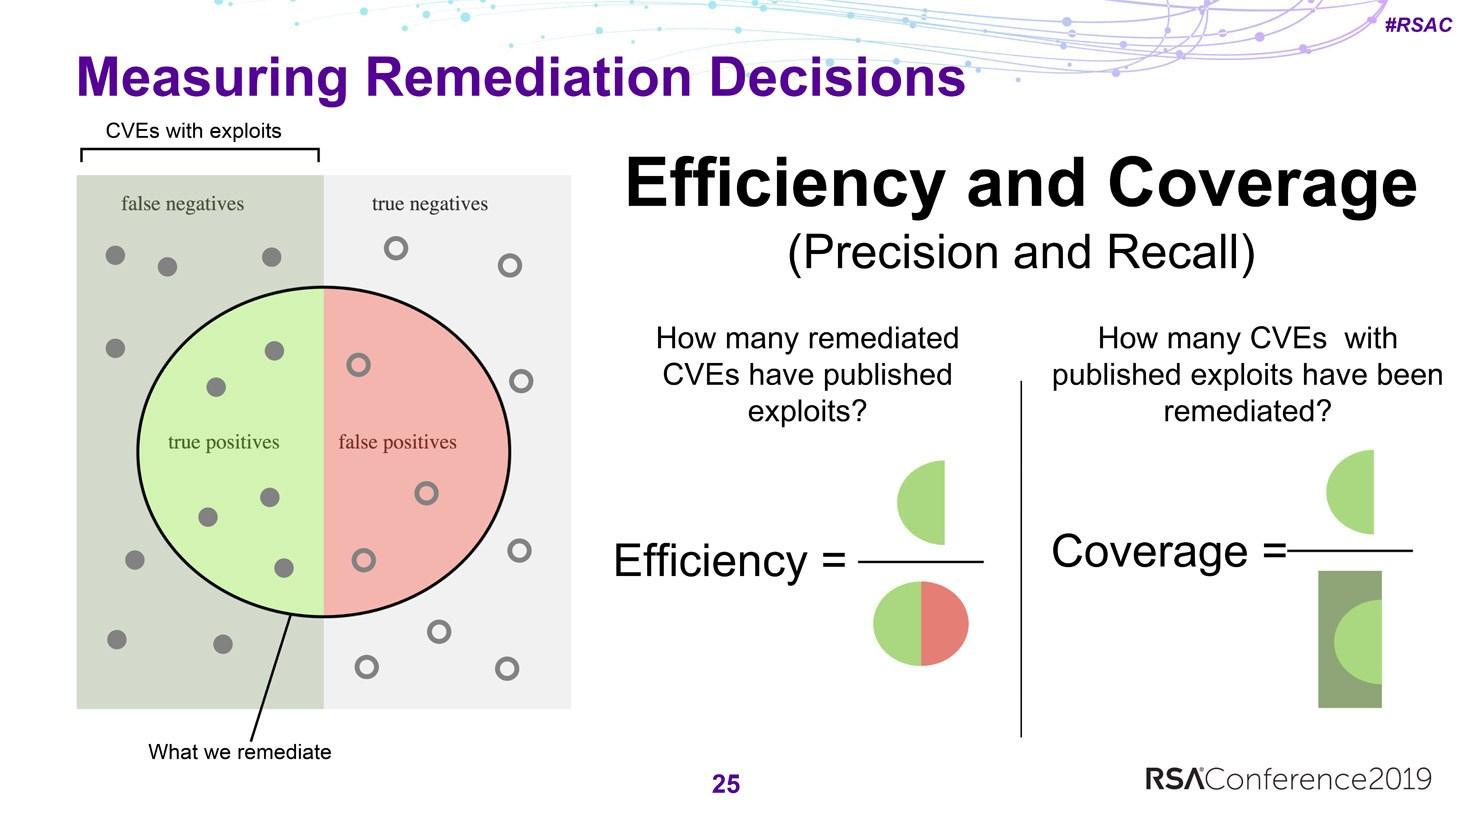 Los investigadores midieron la pertinencia de las estrategias de parcheo mediante dos métricas: eficiencia y cobertura.